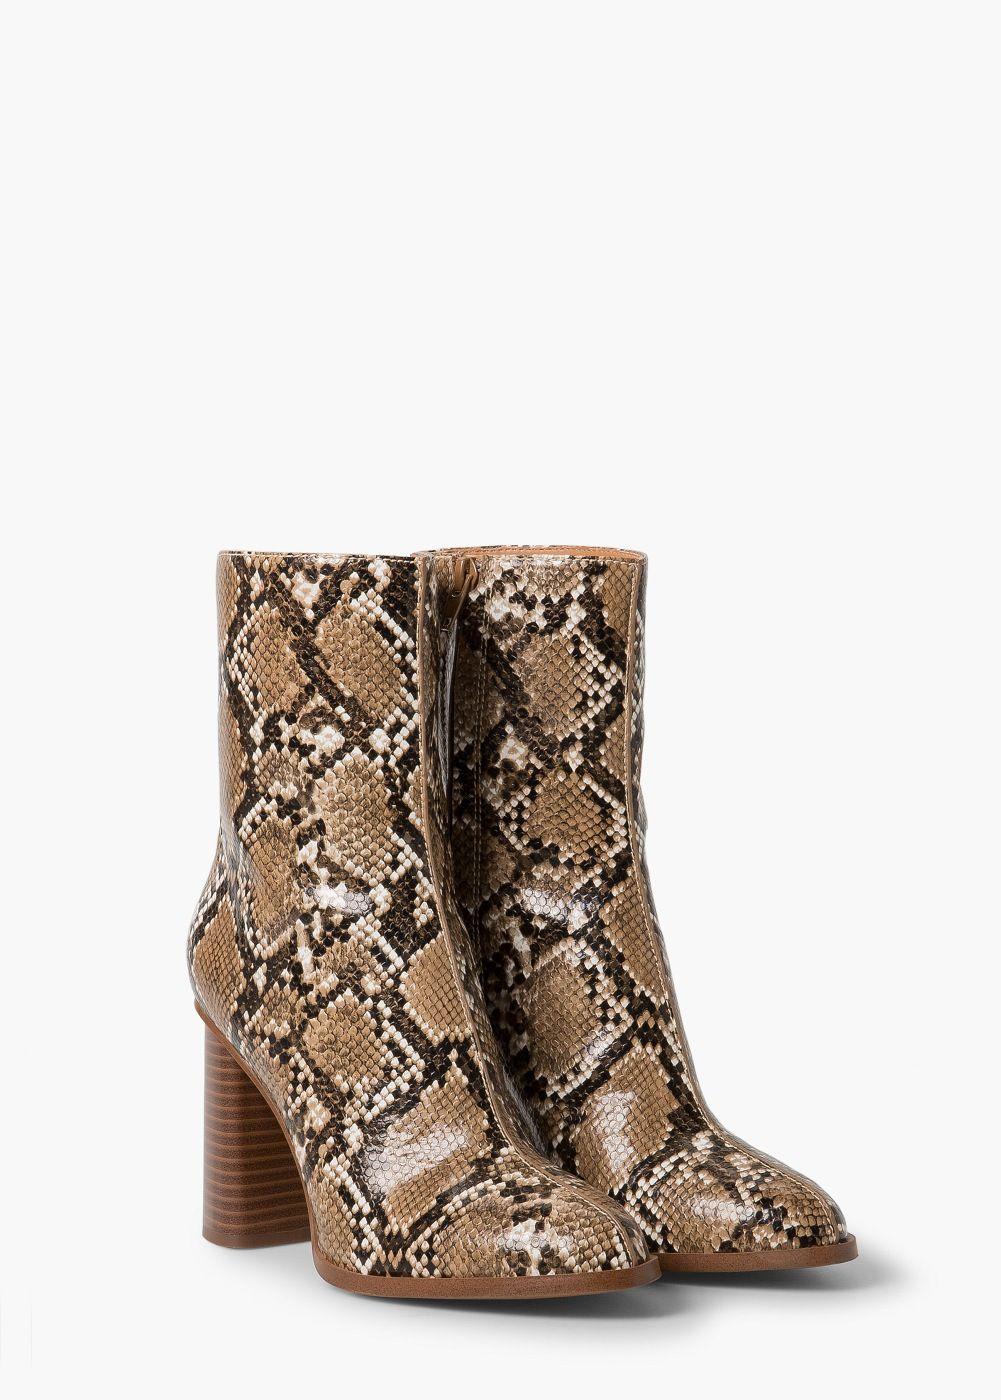 Femme Hiver Bottines Peau De Serpent Talon Bloc Dᄄᆭcontractᄄᆭ Mode Chaussures Taille-afficher le titre d'origine